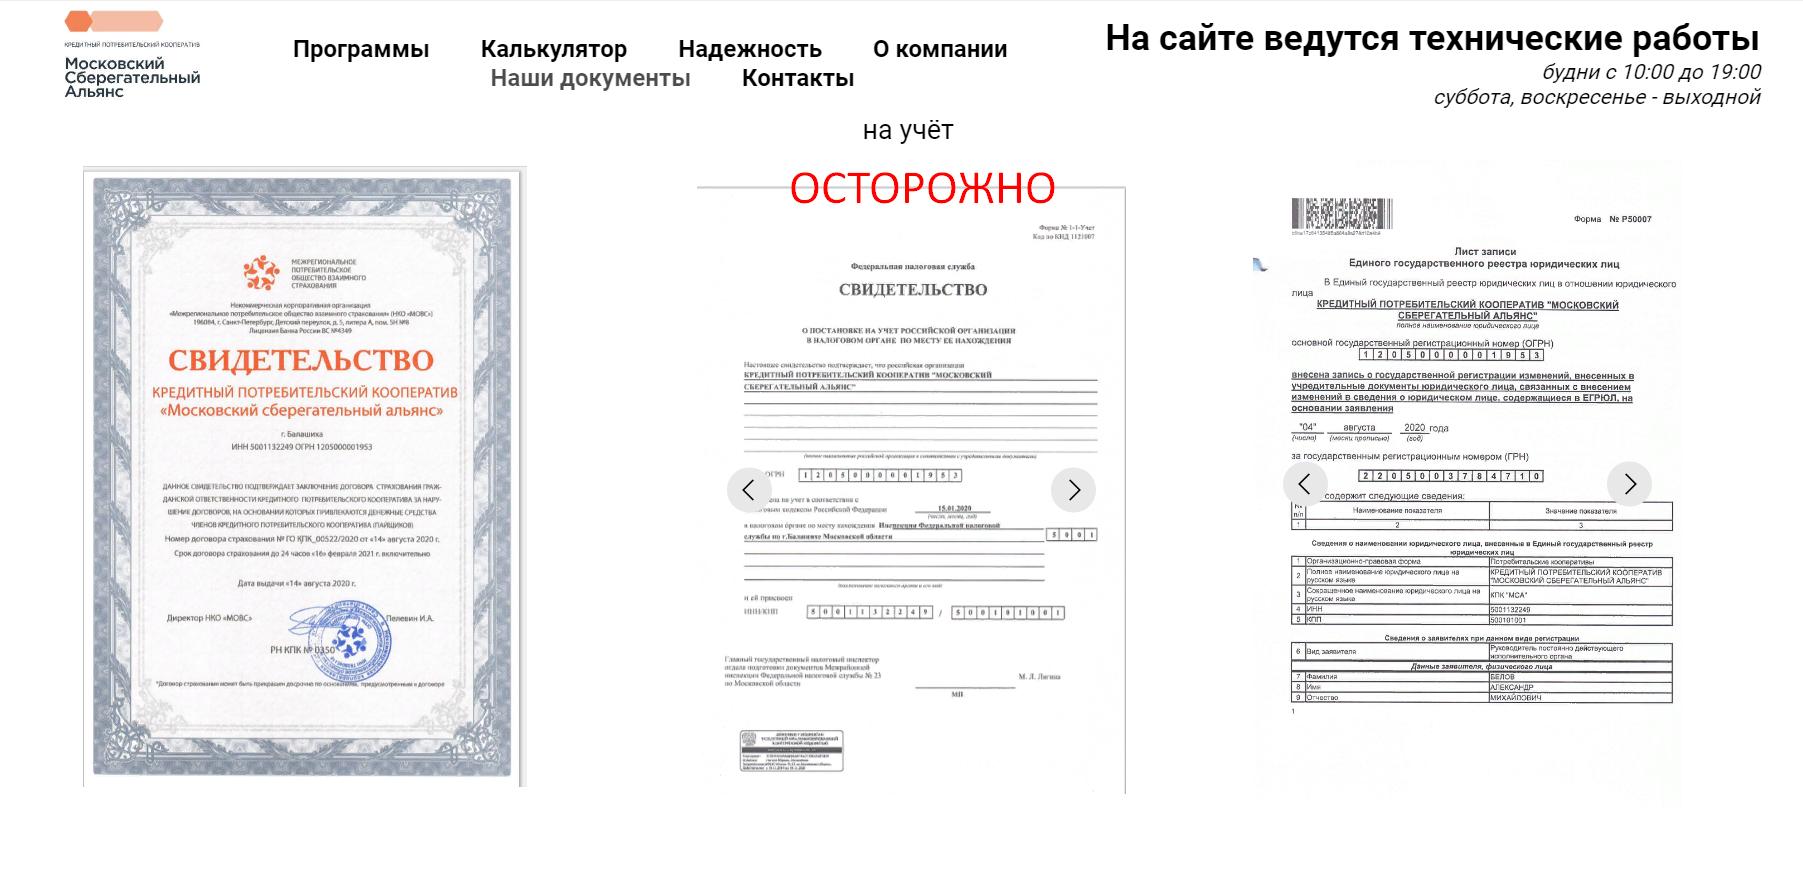 КПК Московский сберегательный альянс  документы